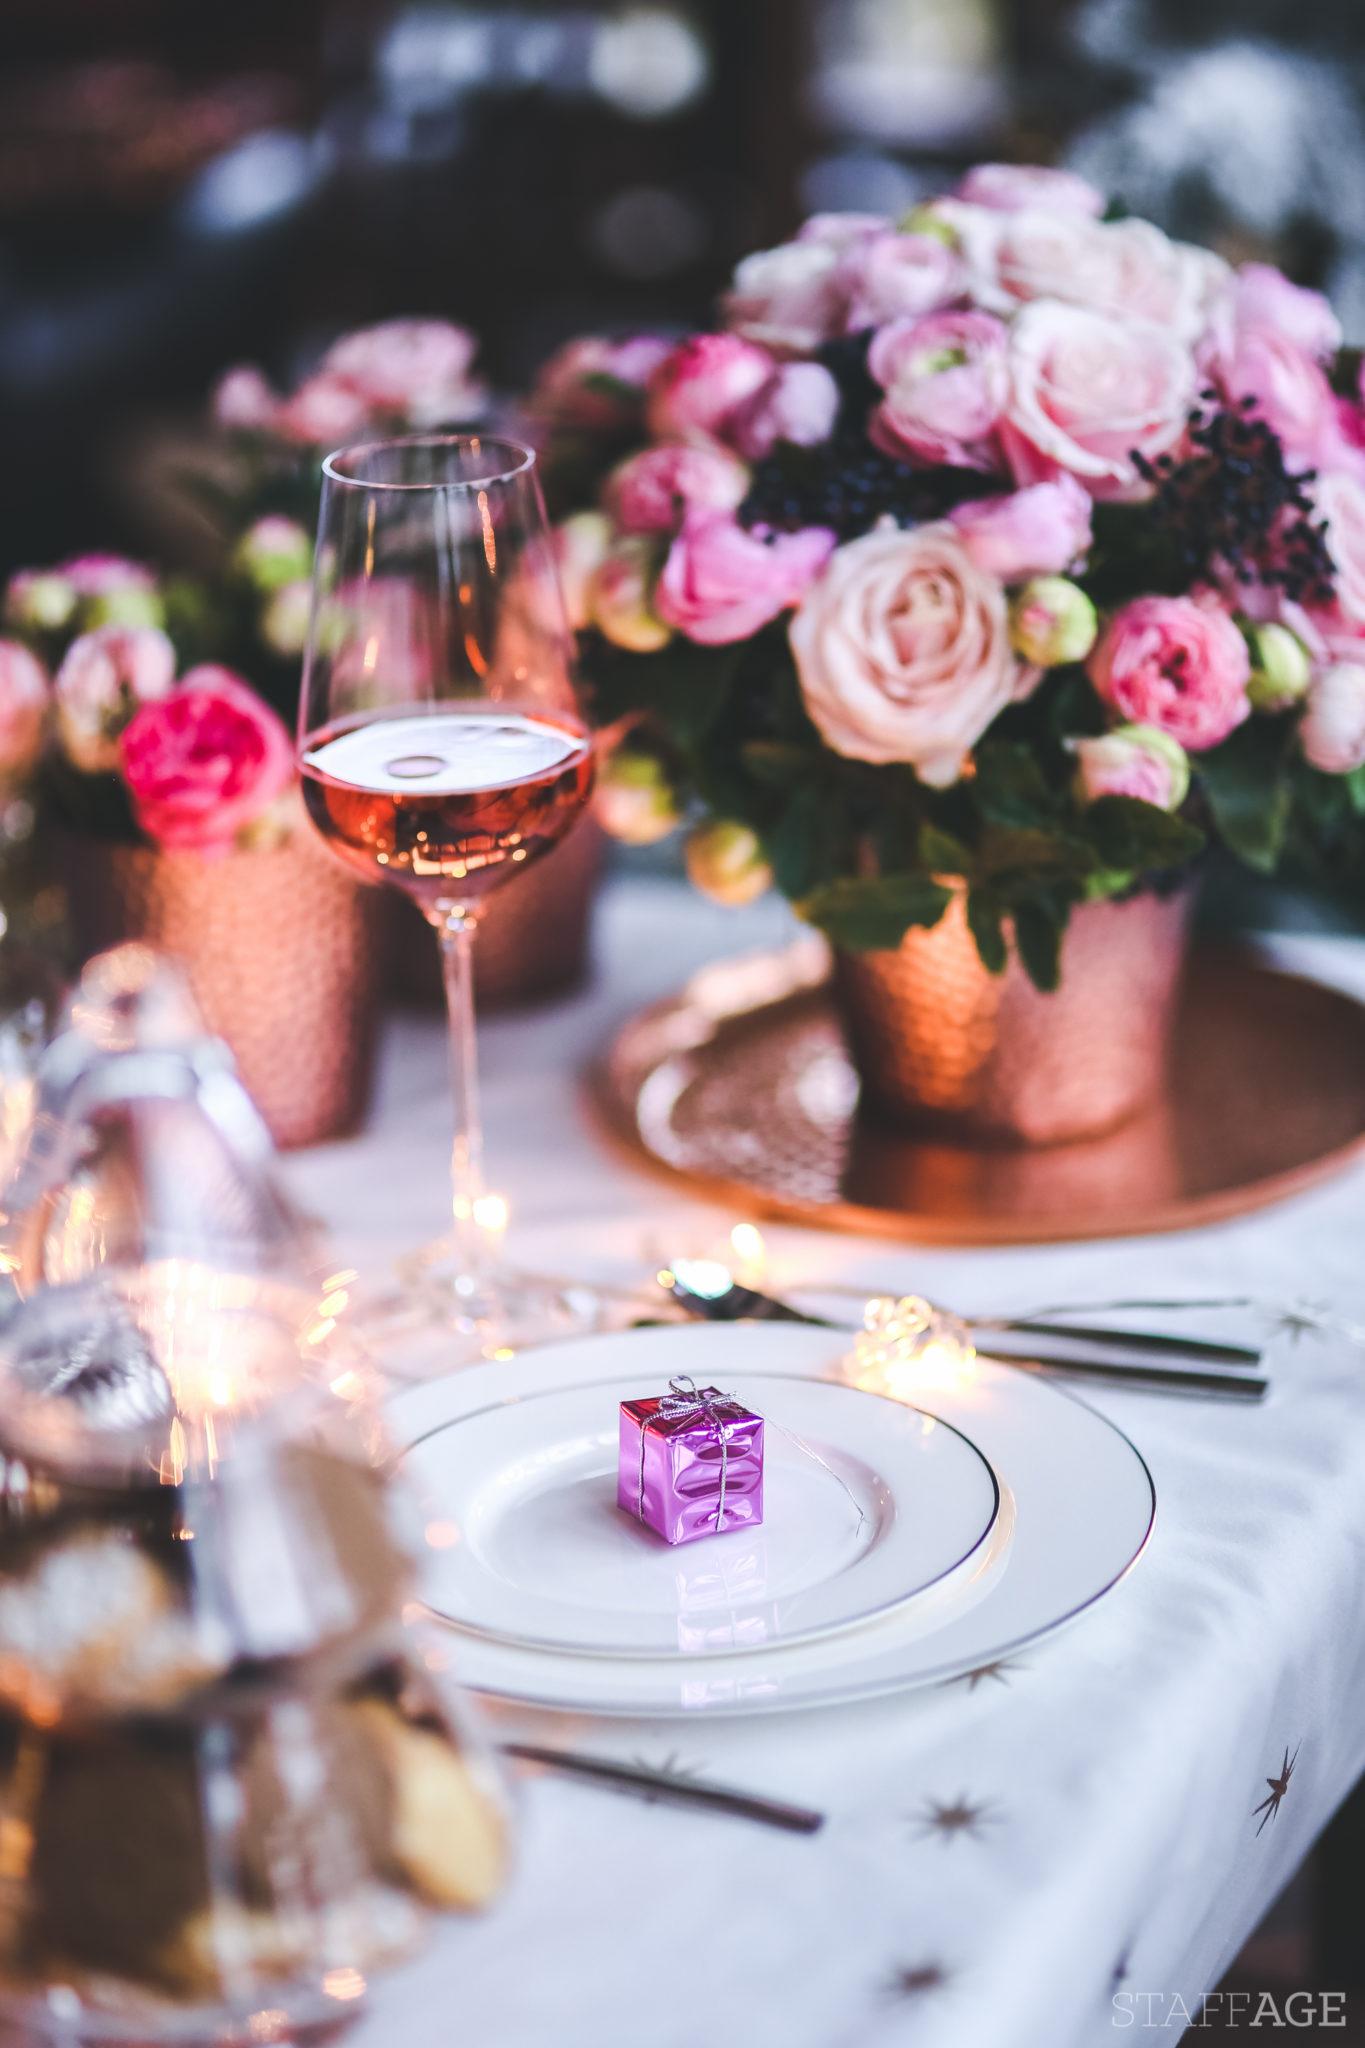 8 Staffagepl wigilijny stol pomysly na jadalnie swiateczne aranzacje chrstmas table settings ideas interior design winter flowers tableware